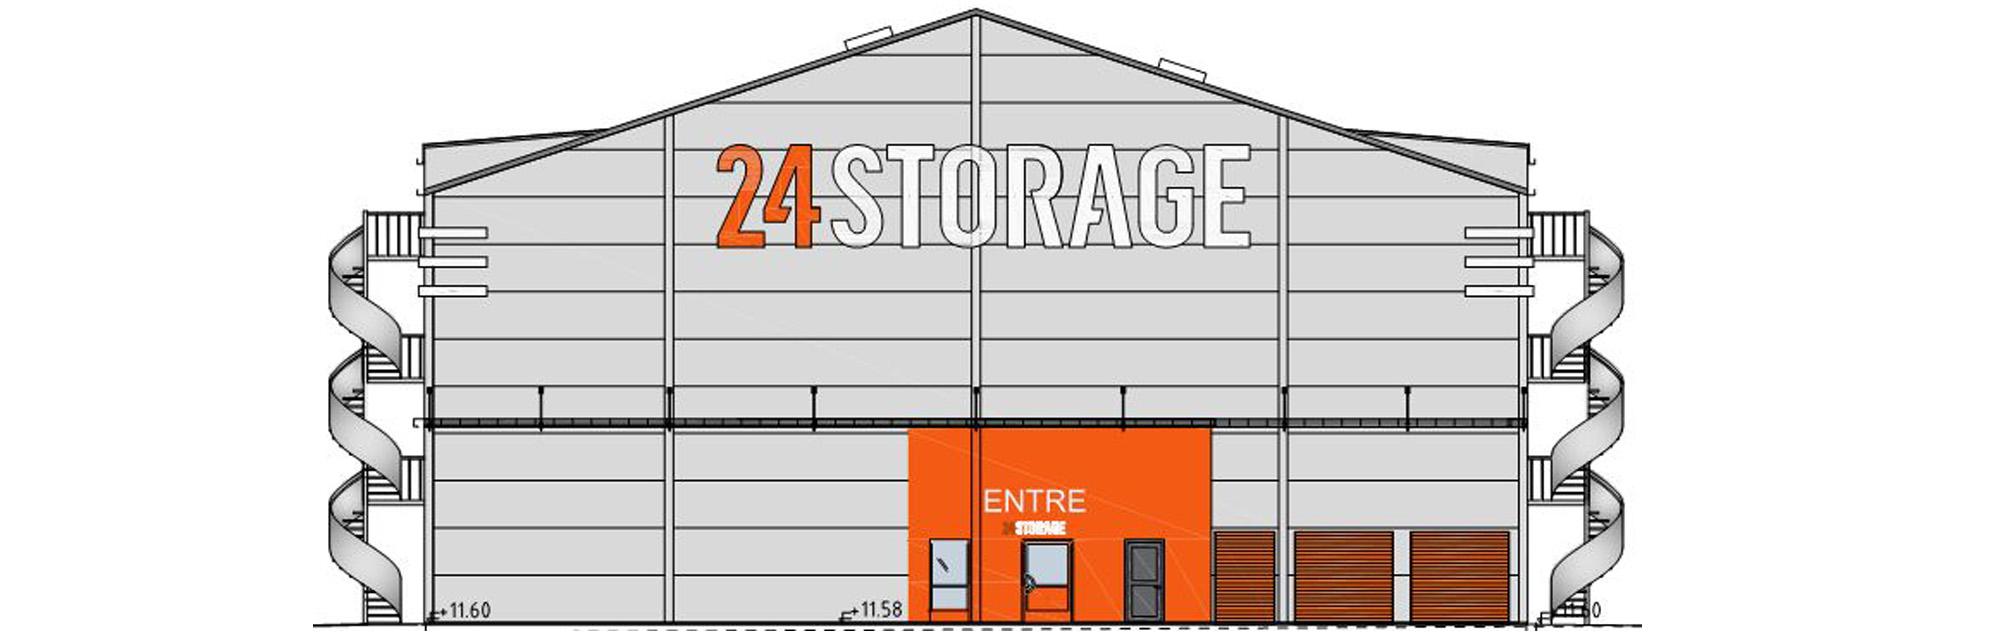 Kynningsrud Bygg totalentreprenör för 24Storage